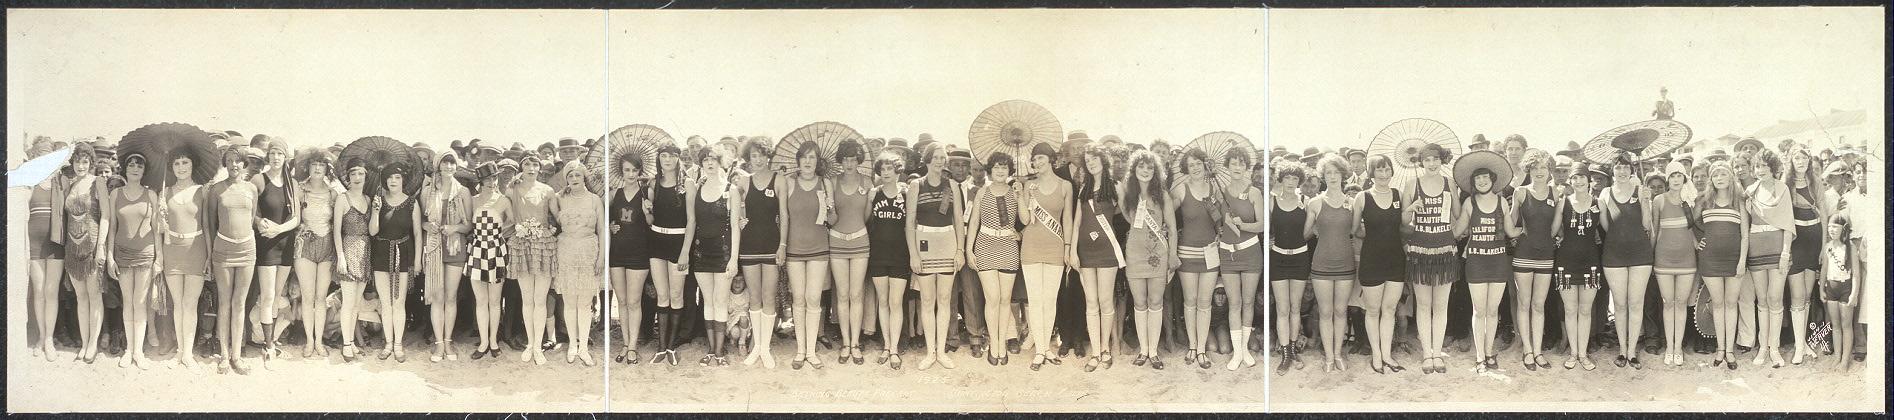 Concentración de trajes de baño en 1925